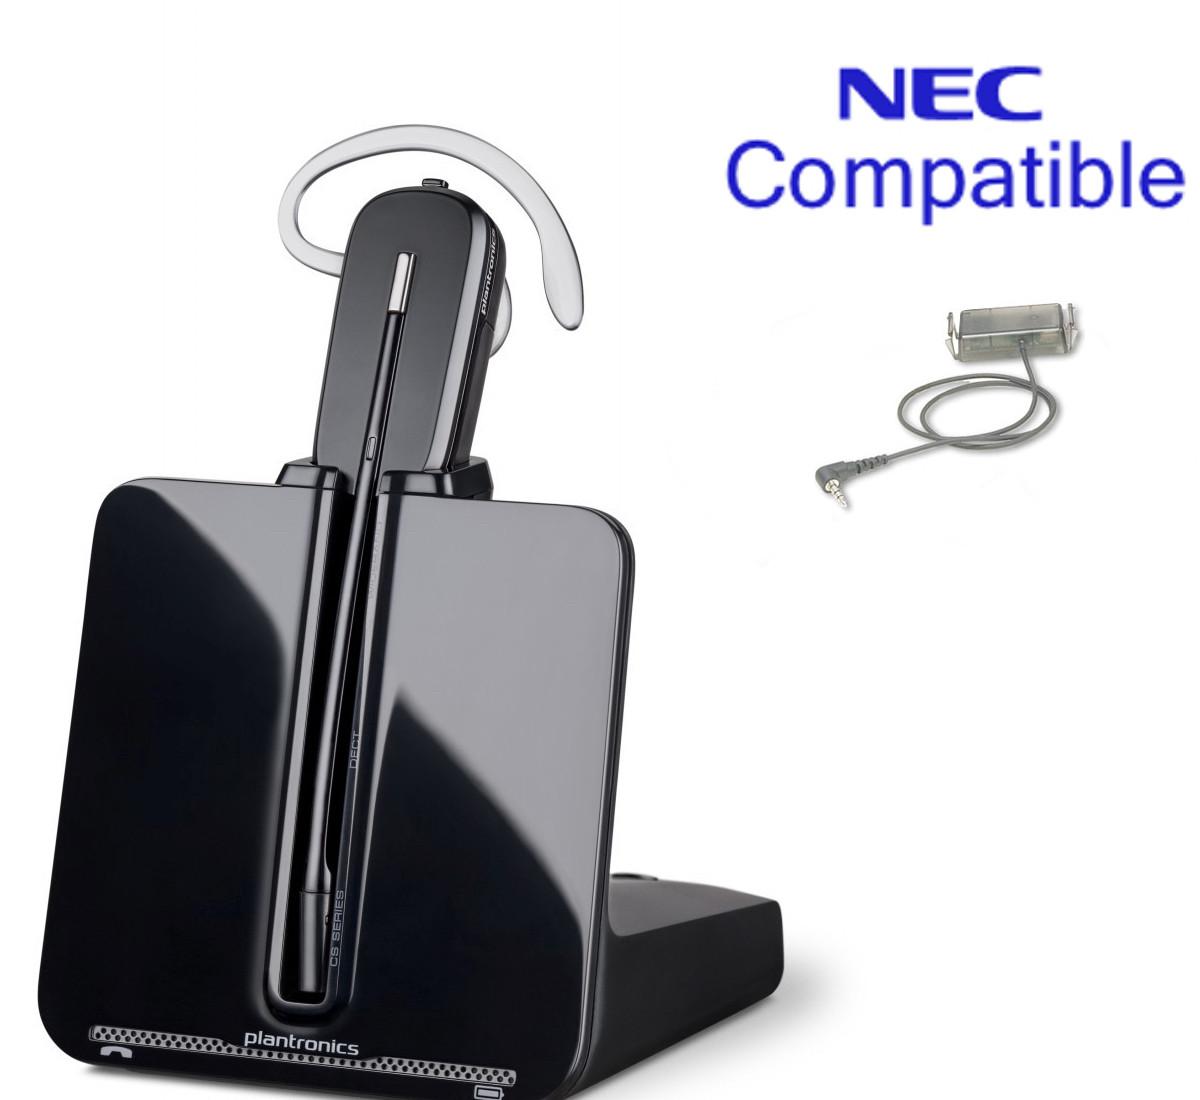 cs540_nec_compatible_sl1100_dsx34b_bundle__90516.1428386660.1280.1280?c=2 nec compatible plantronics cordless headset bundle cs540 ehs with nec sl1100 wiring diagram at mifinder.co